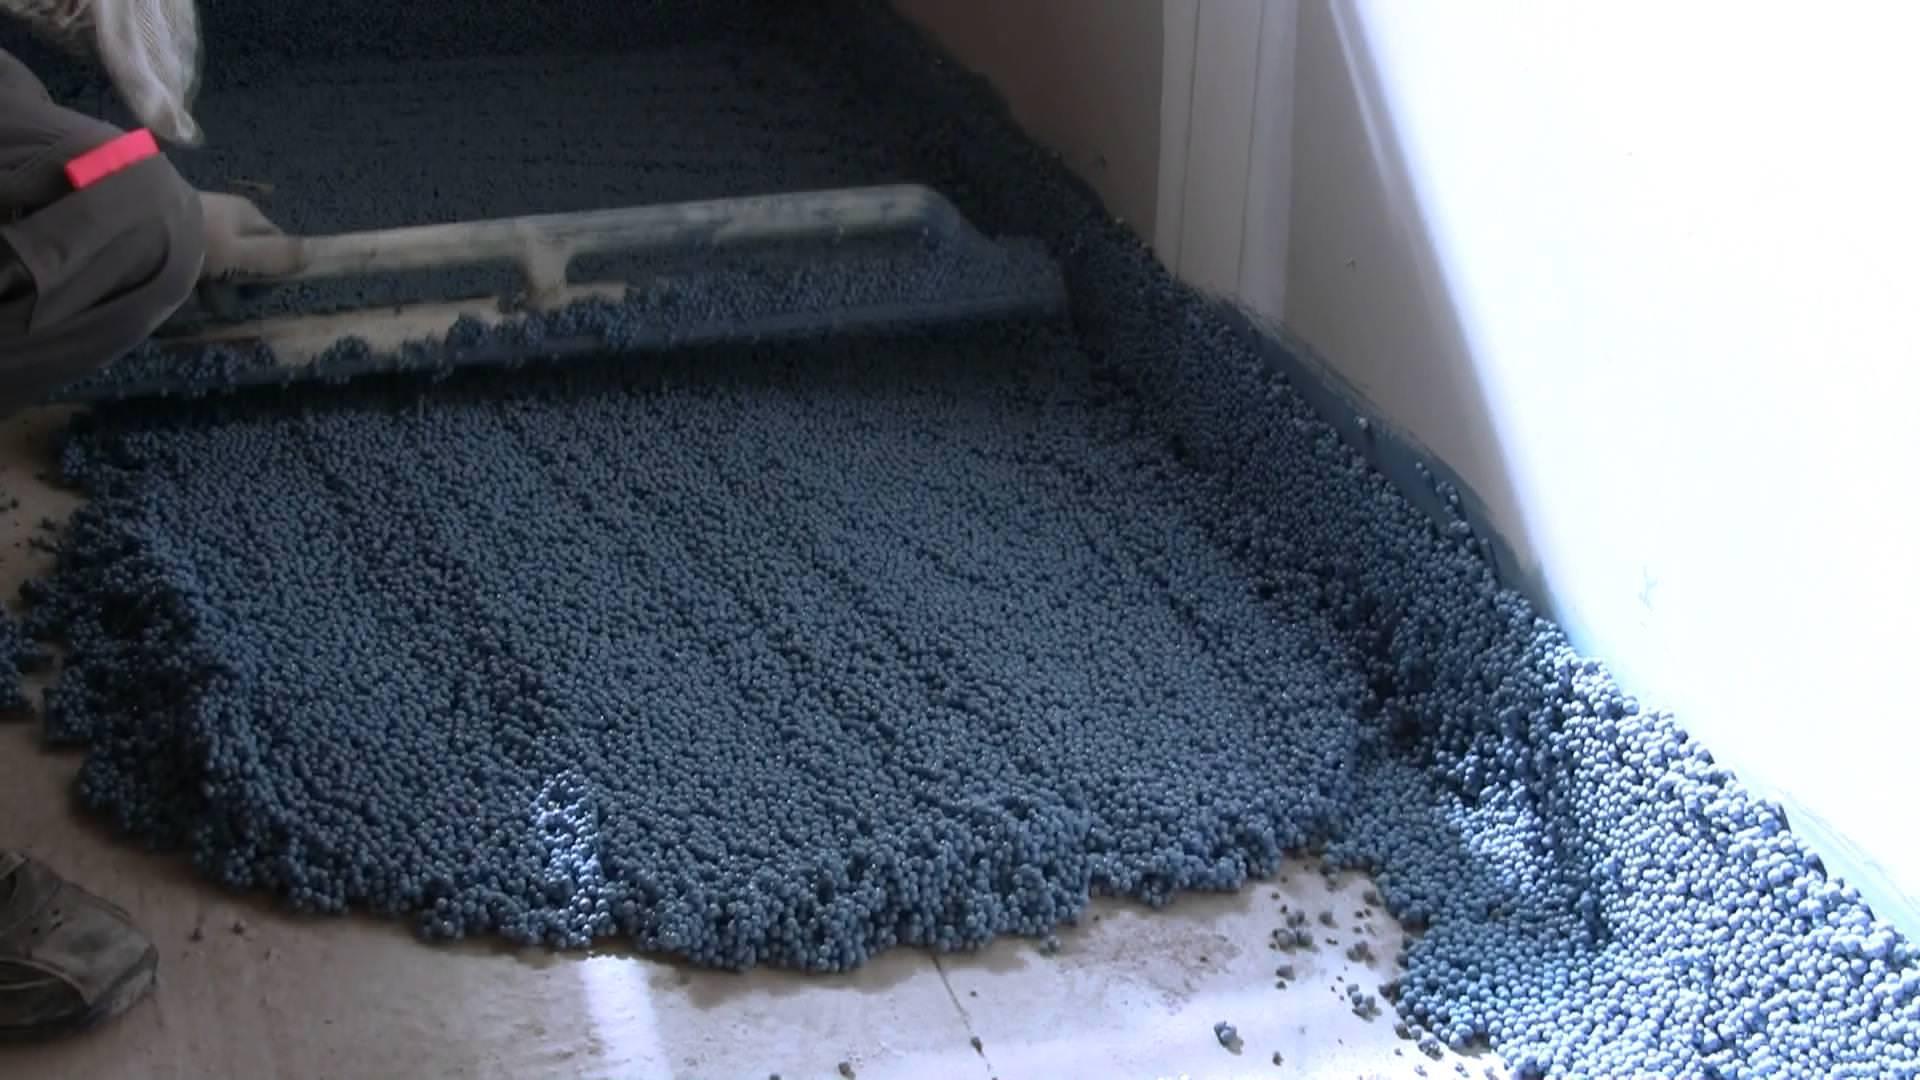 Шумоизолируем пол в квартире под стяжку